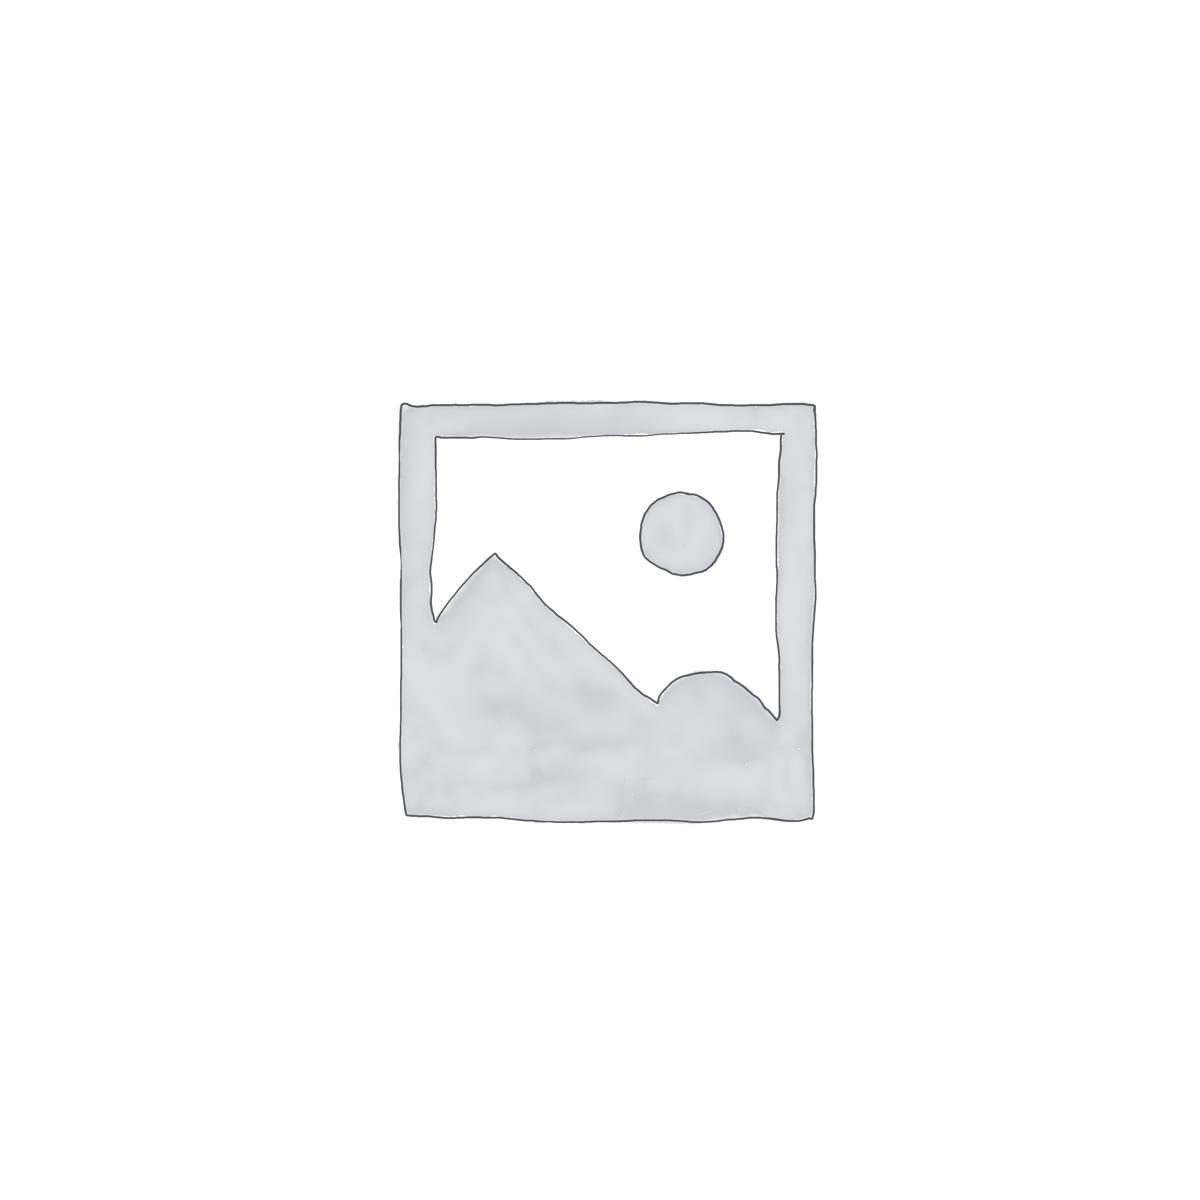 Bespoke Mix'nMatch Services